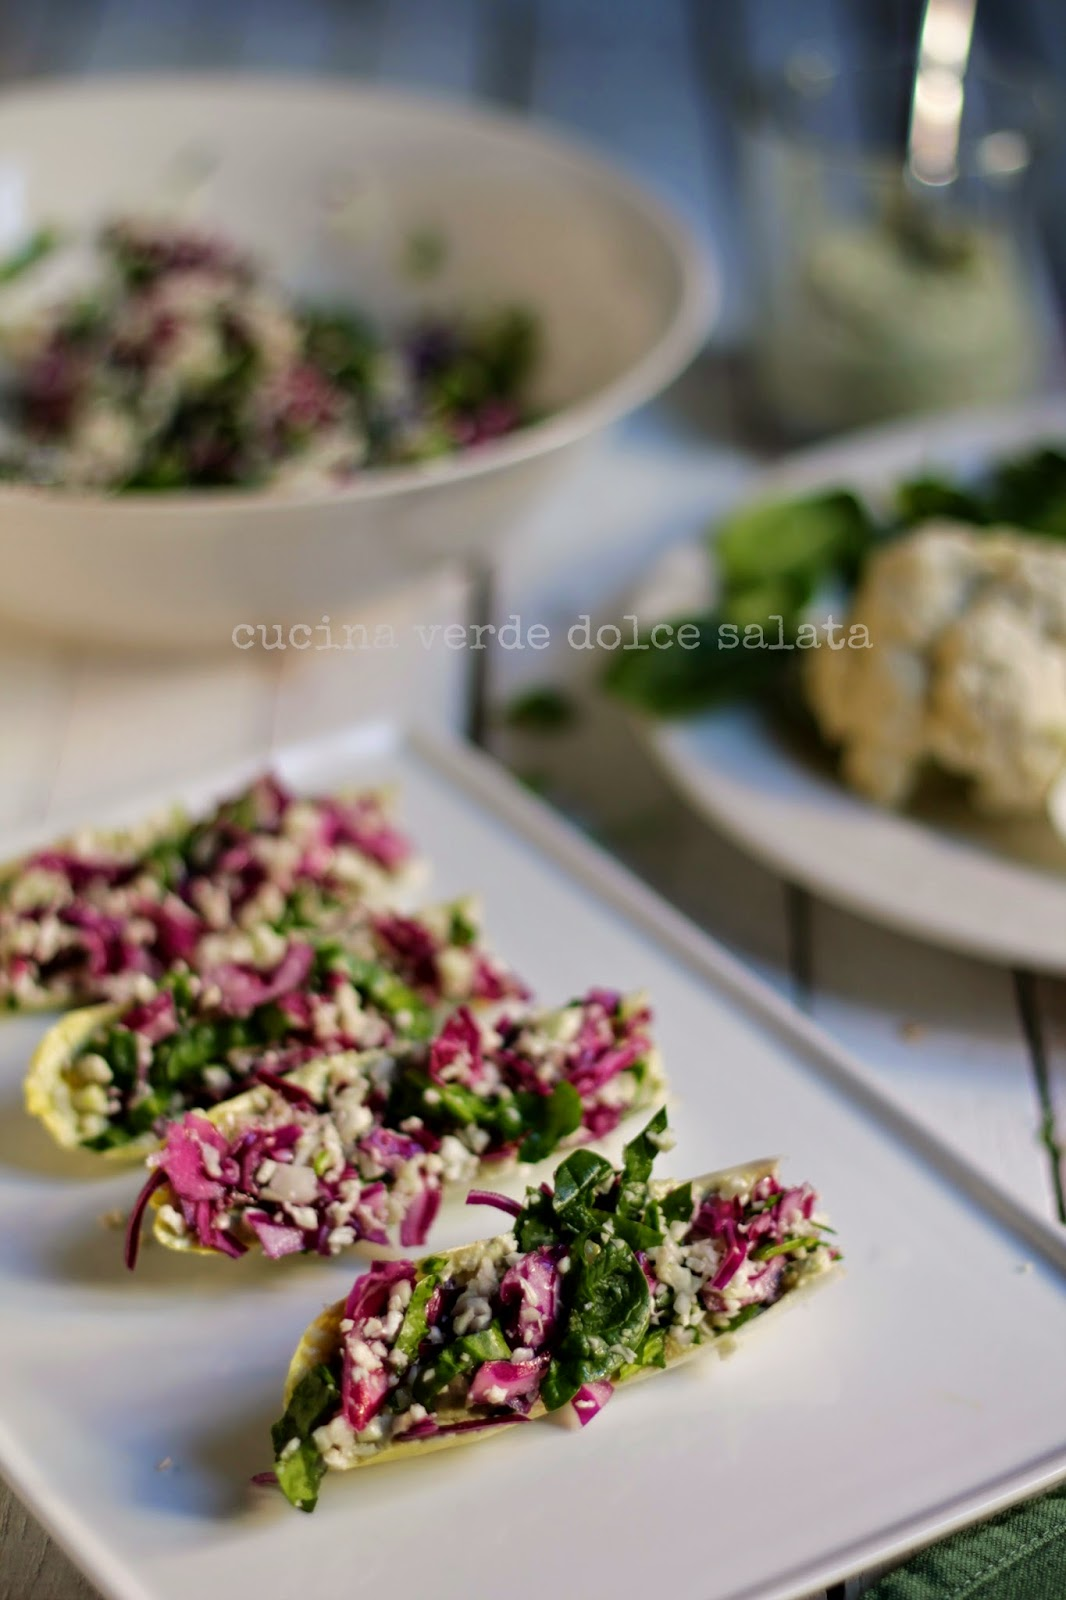 Barchette d'indivia con salsa di capperi e verdure